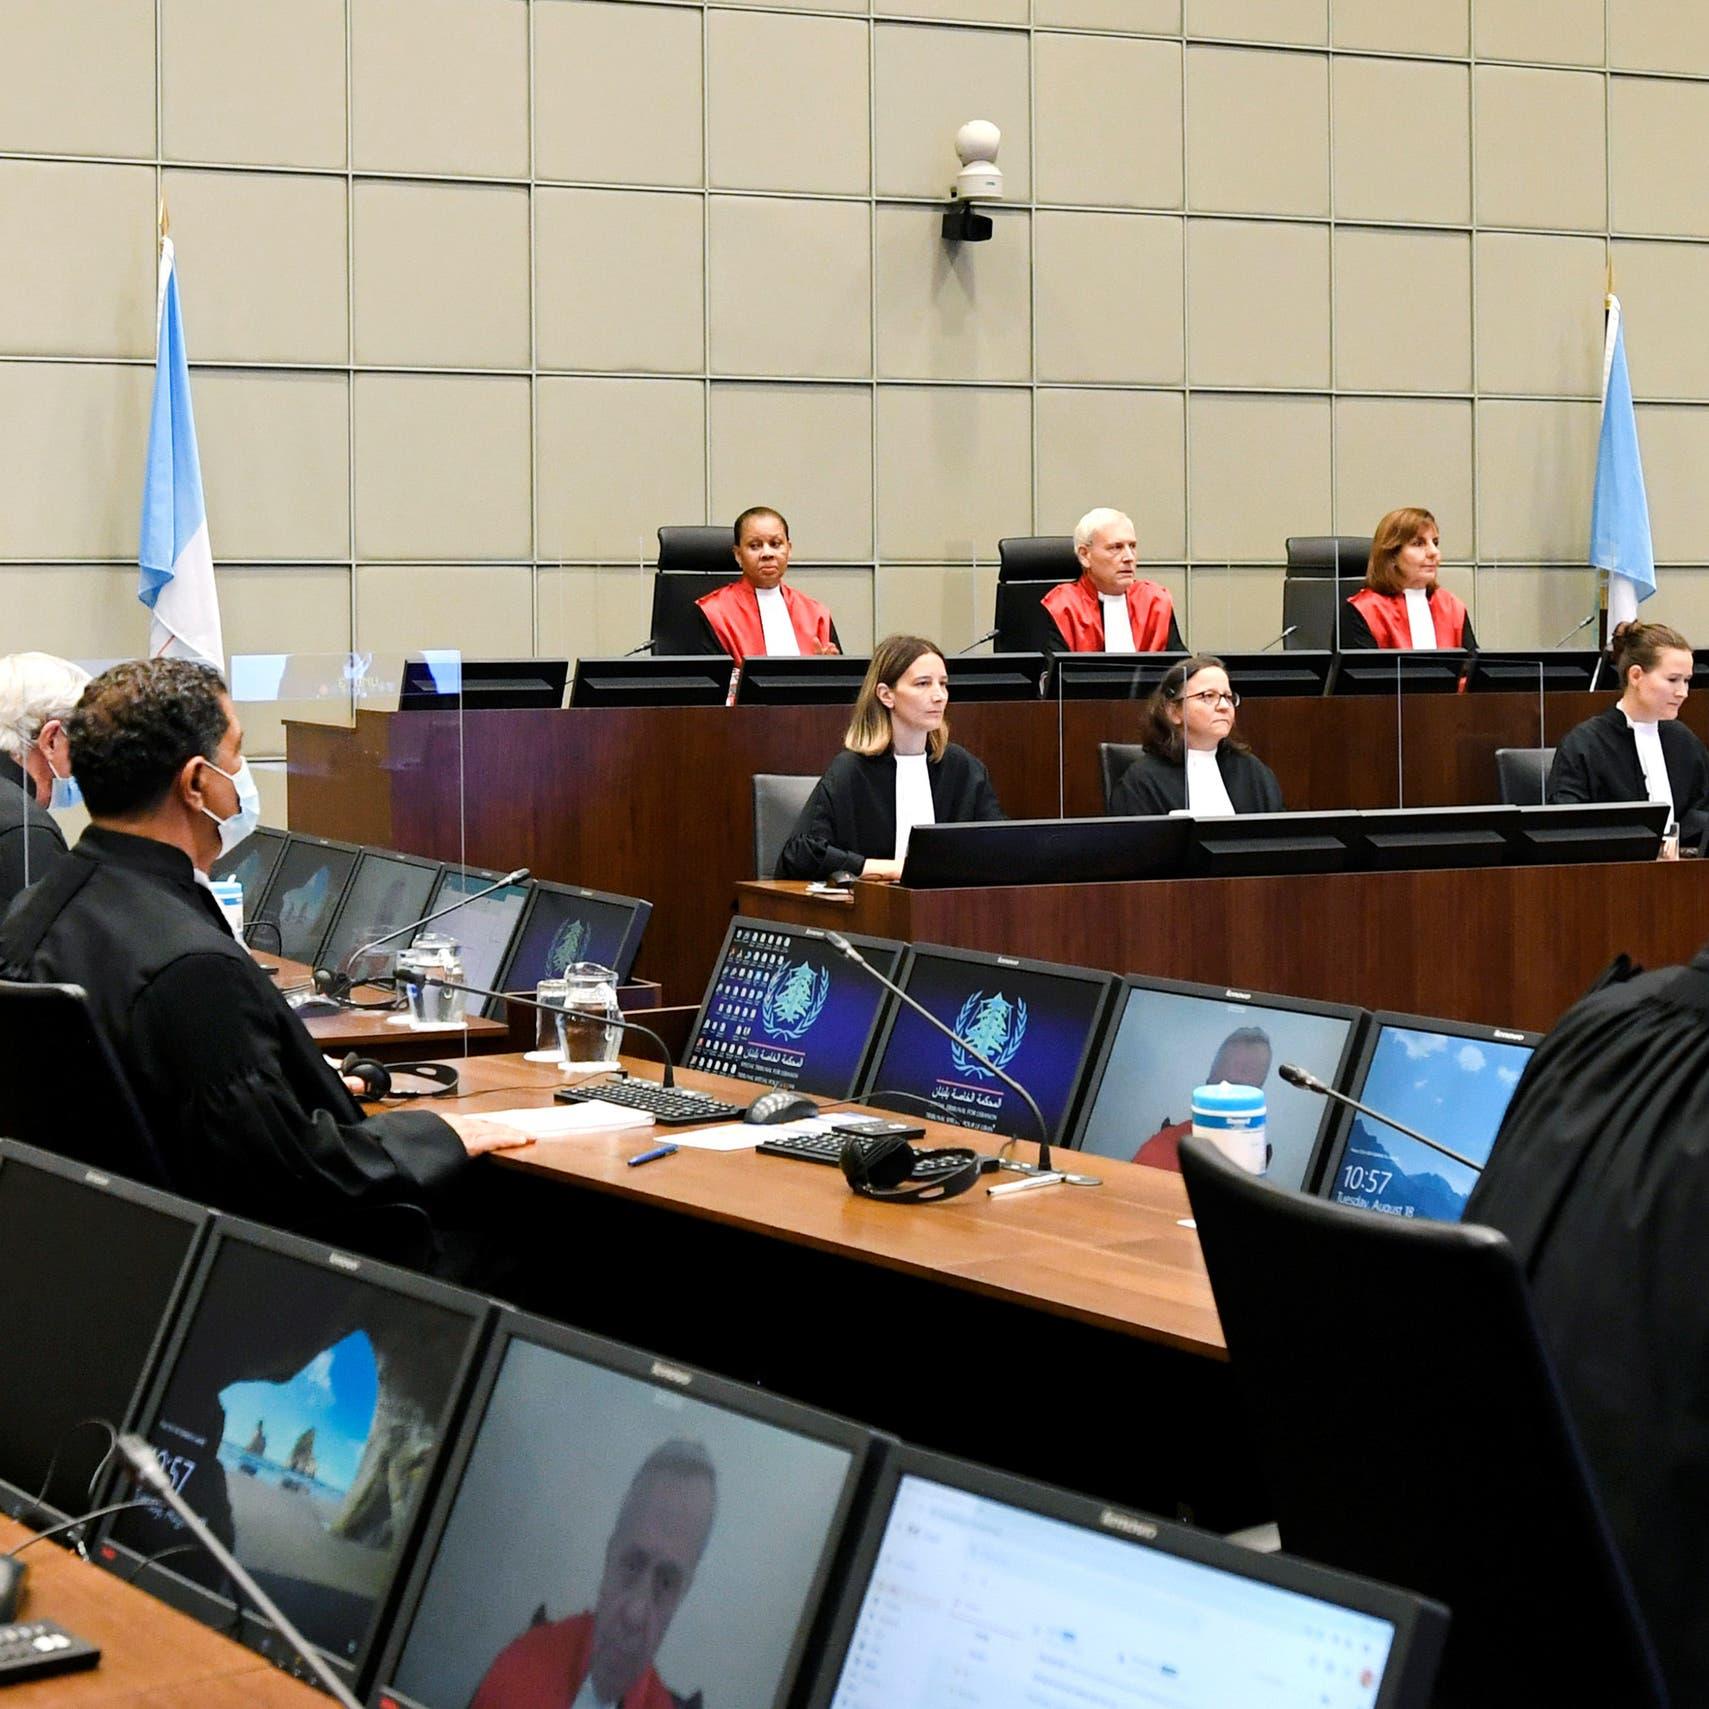 بعد حكم المحكمة الخاصة بلبنان.. هل يتحرّك مجلس الأمن؟